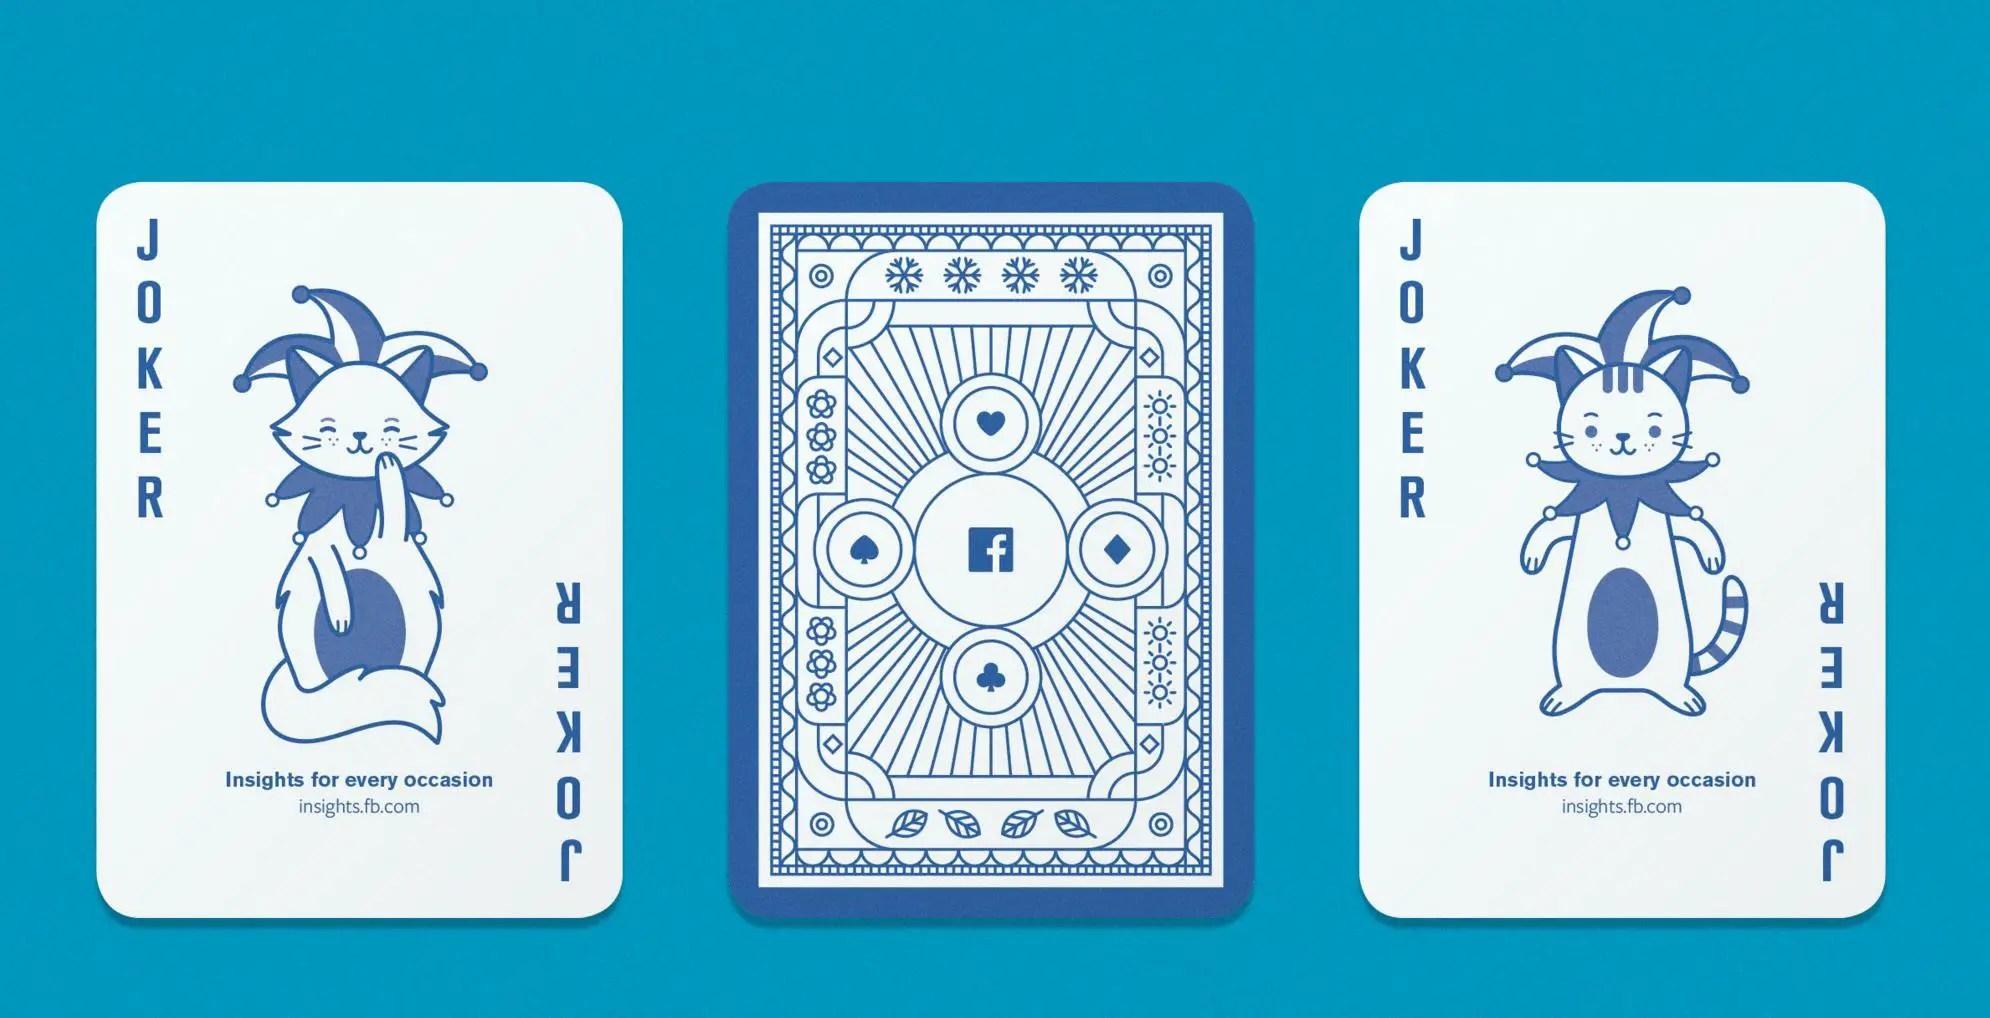 wersm-facebook-deck-playing-cards